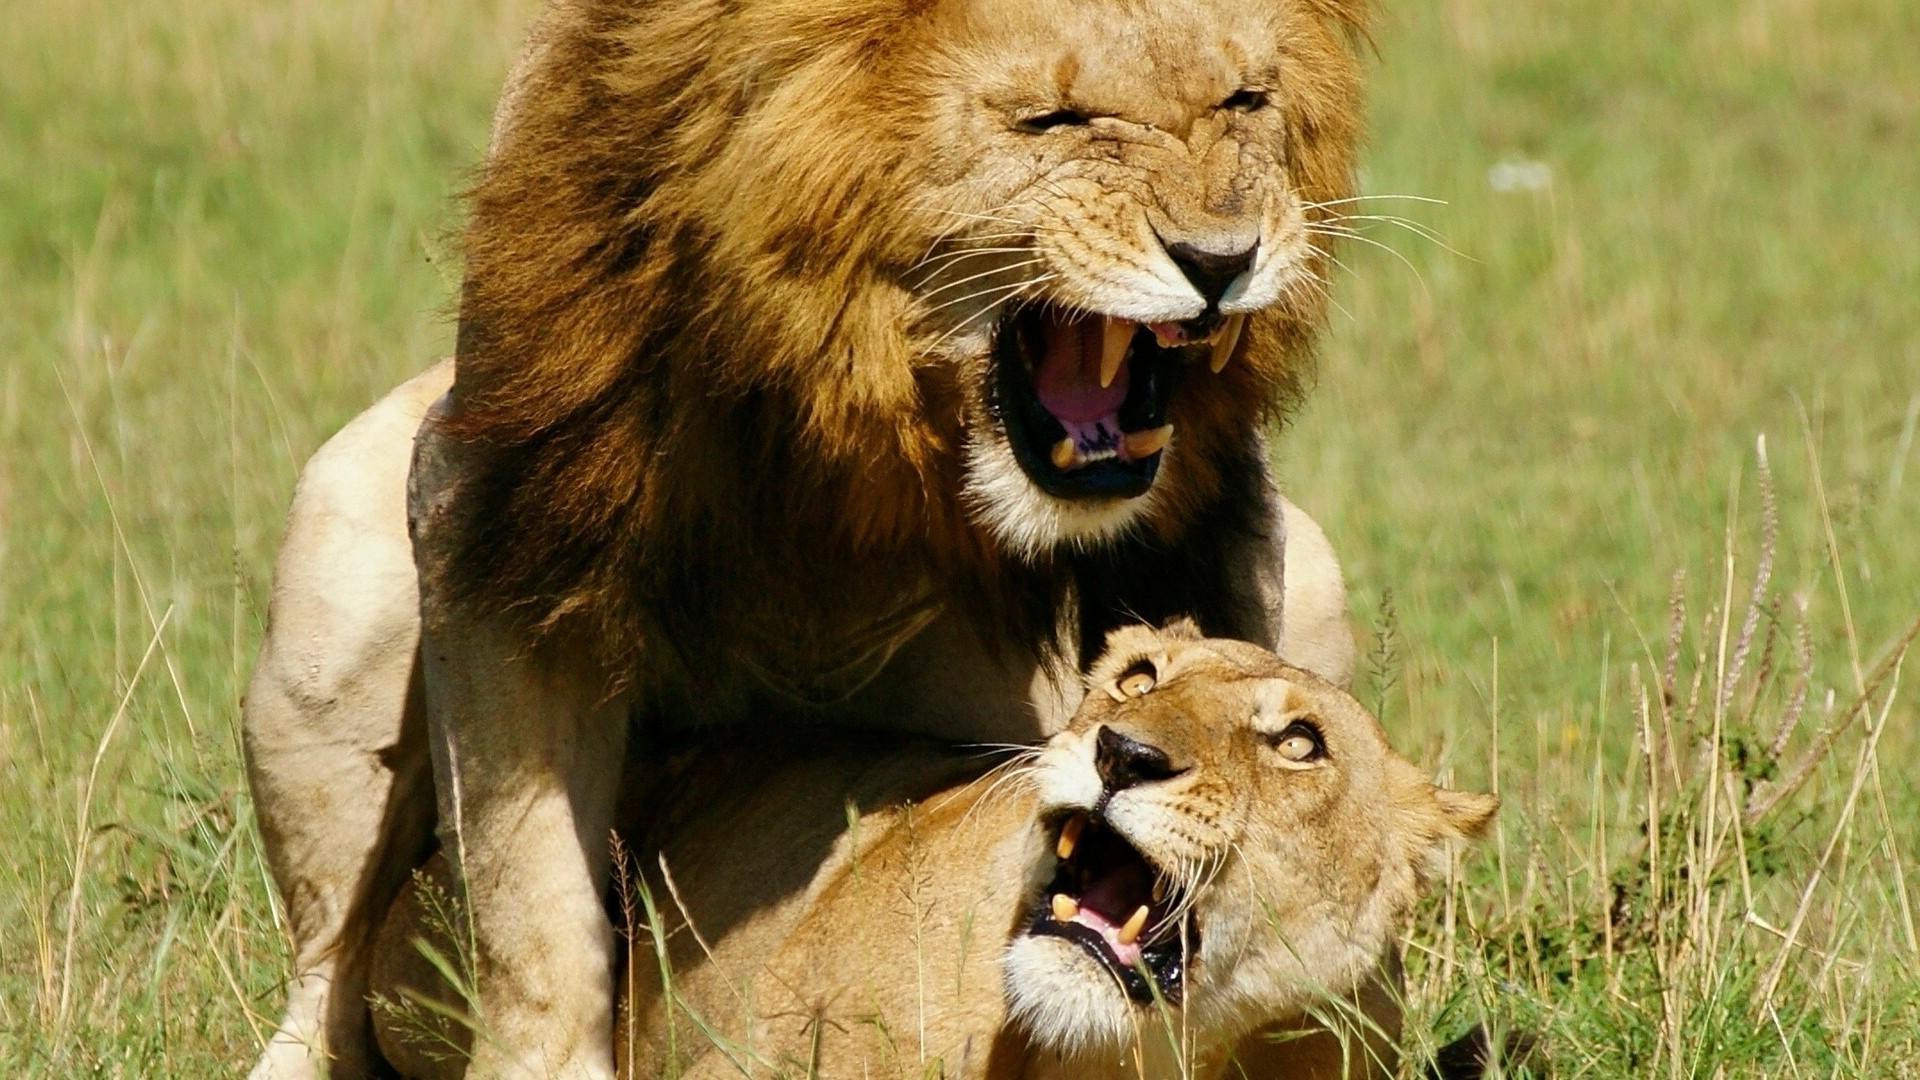 Картинки лев с львицей про любовь, анимации торты открытки